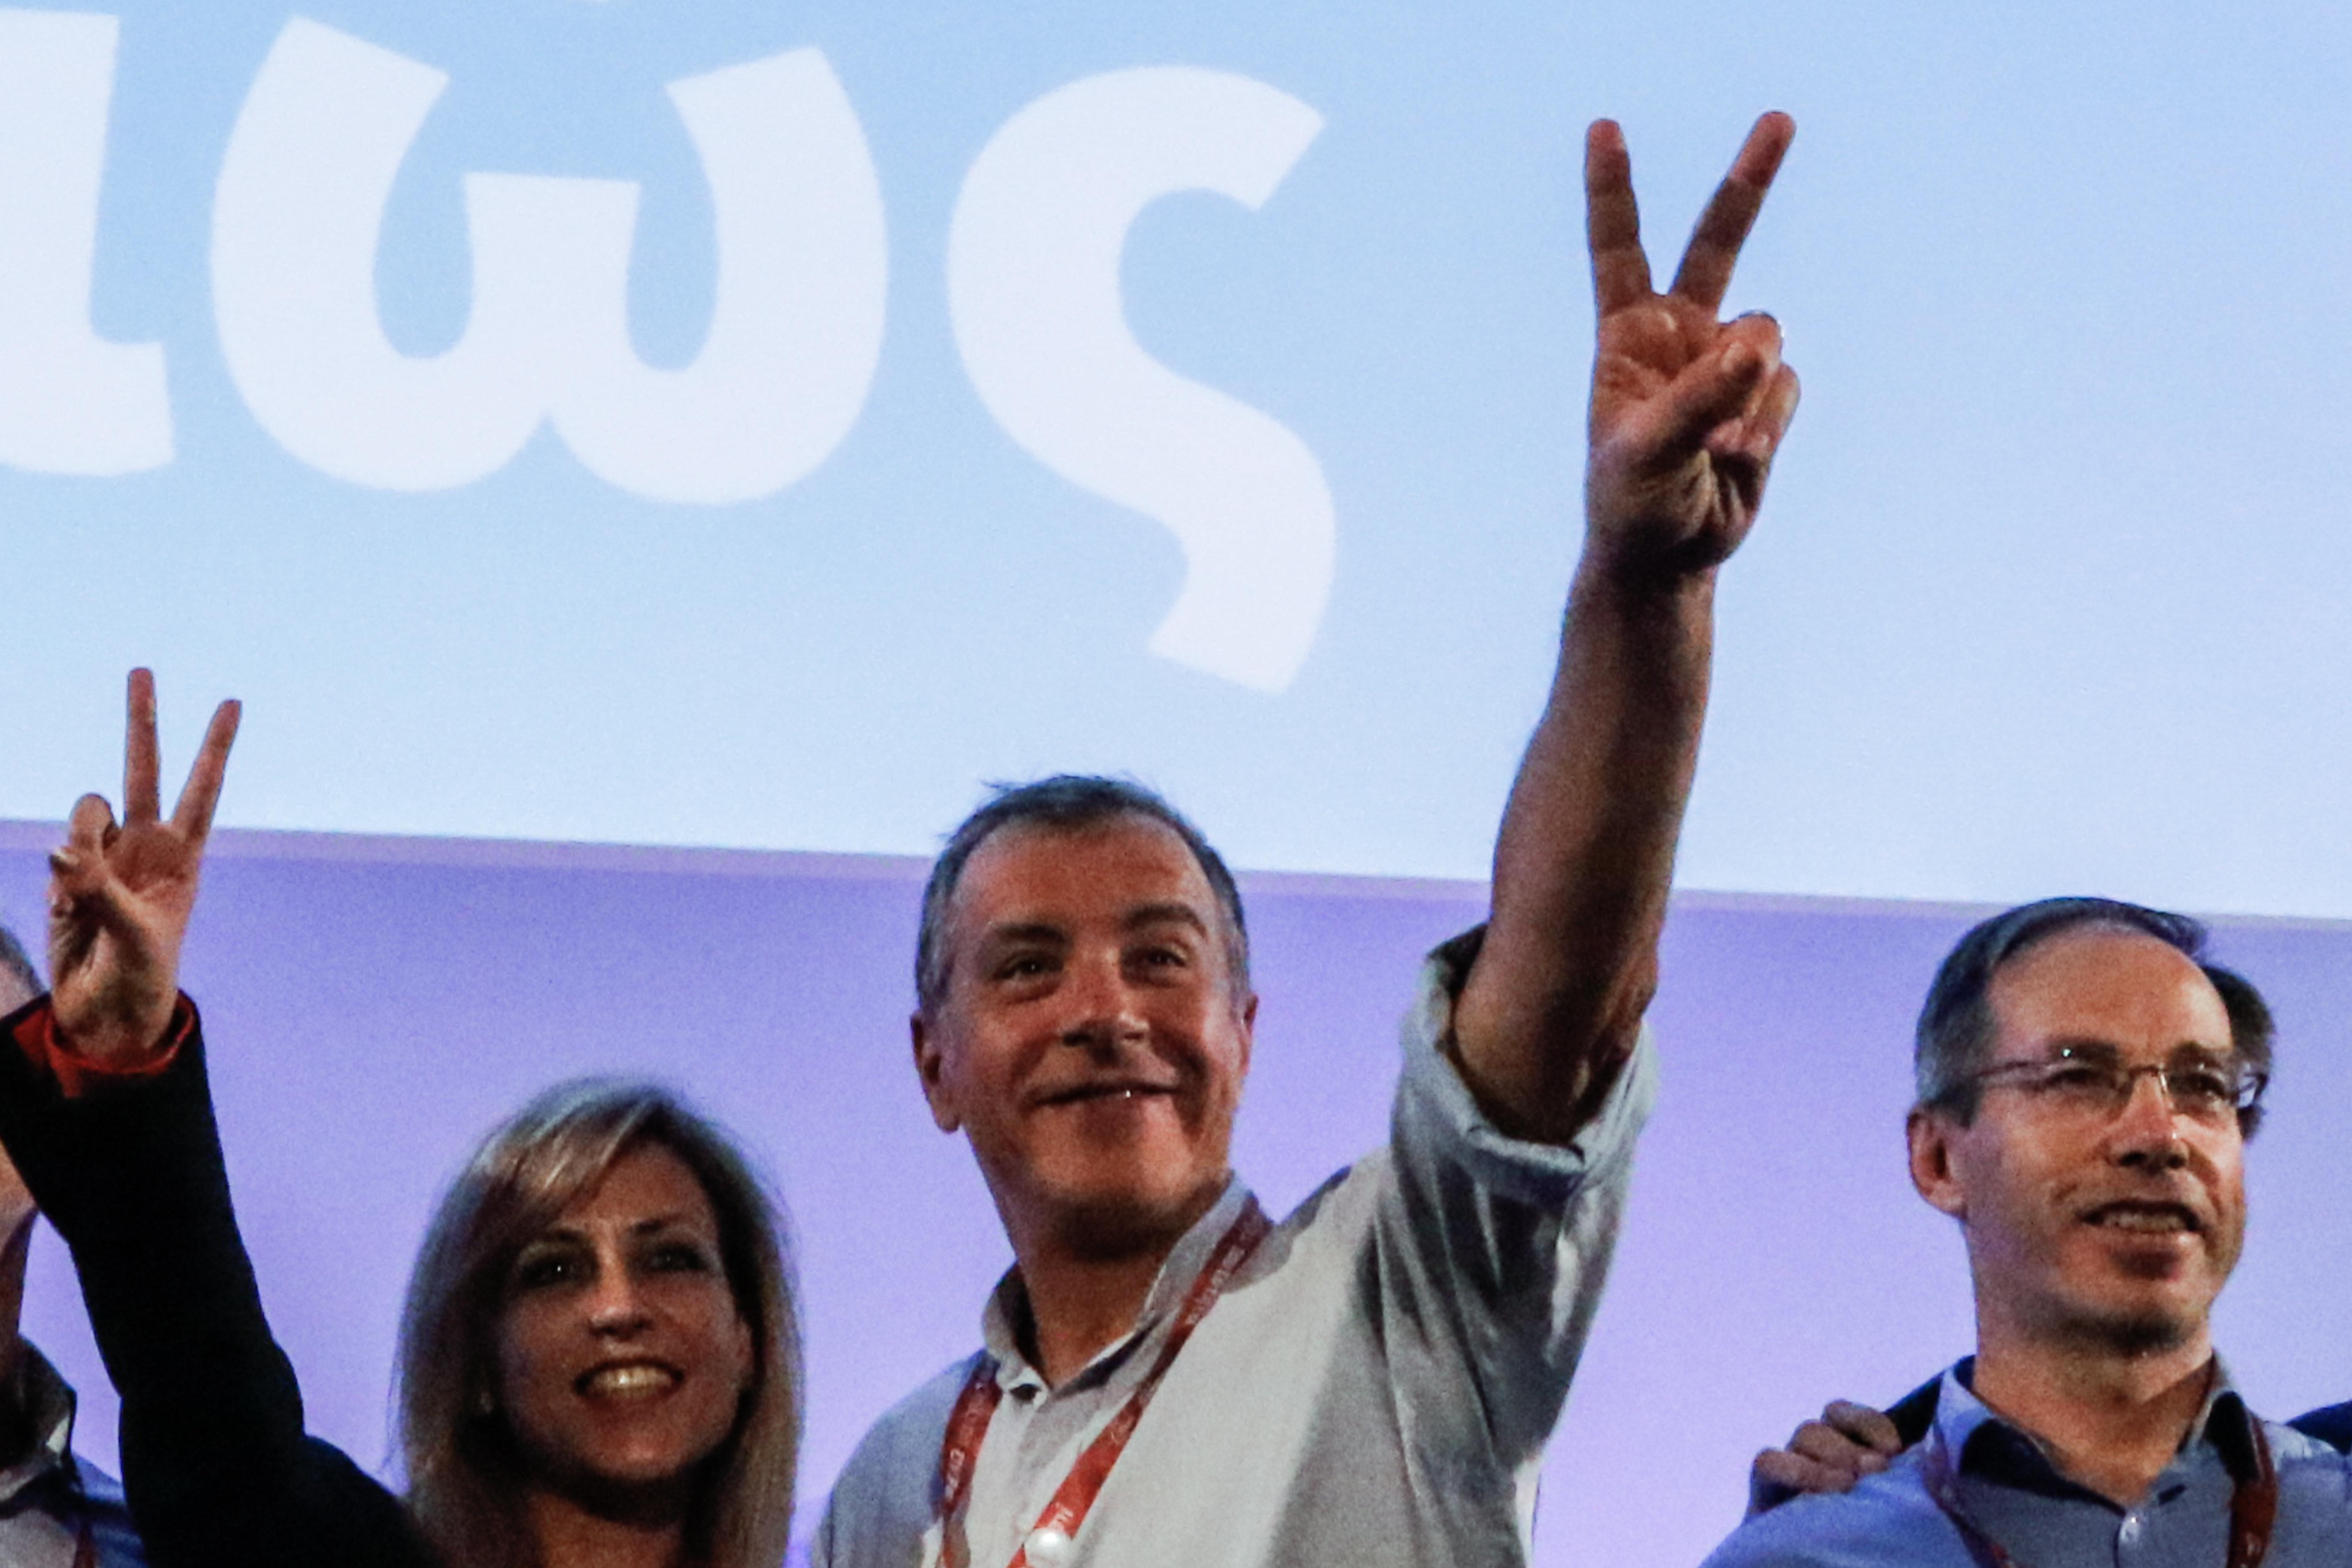 Ο Στ. Θεοδωράκης επανεξελέγη επικεφαλής του Ποταμιού - Αντιπρόεδρος ο Γ.